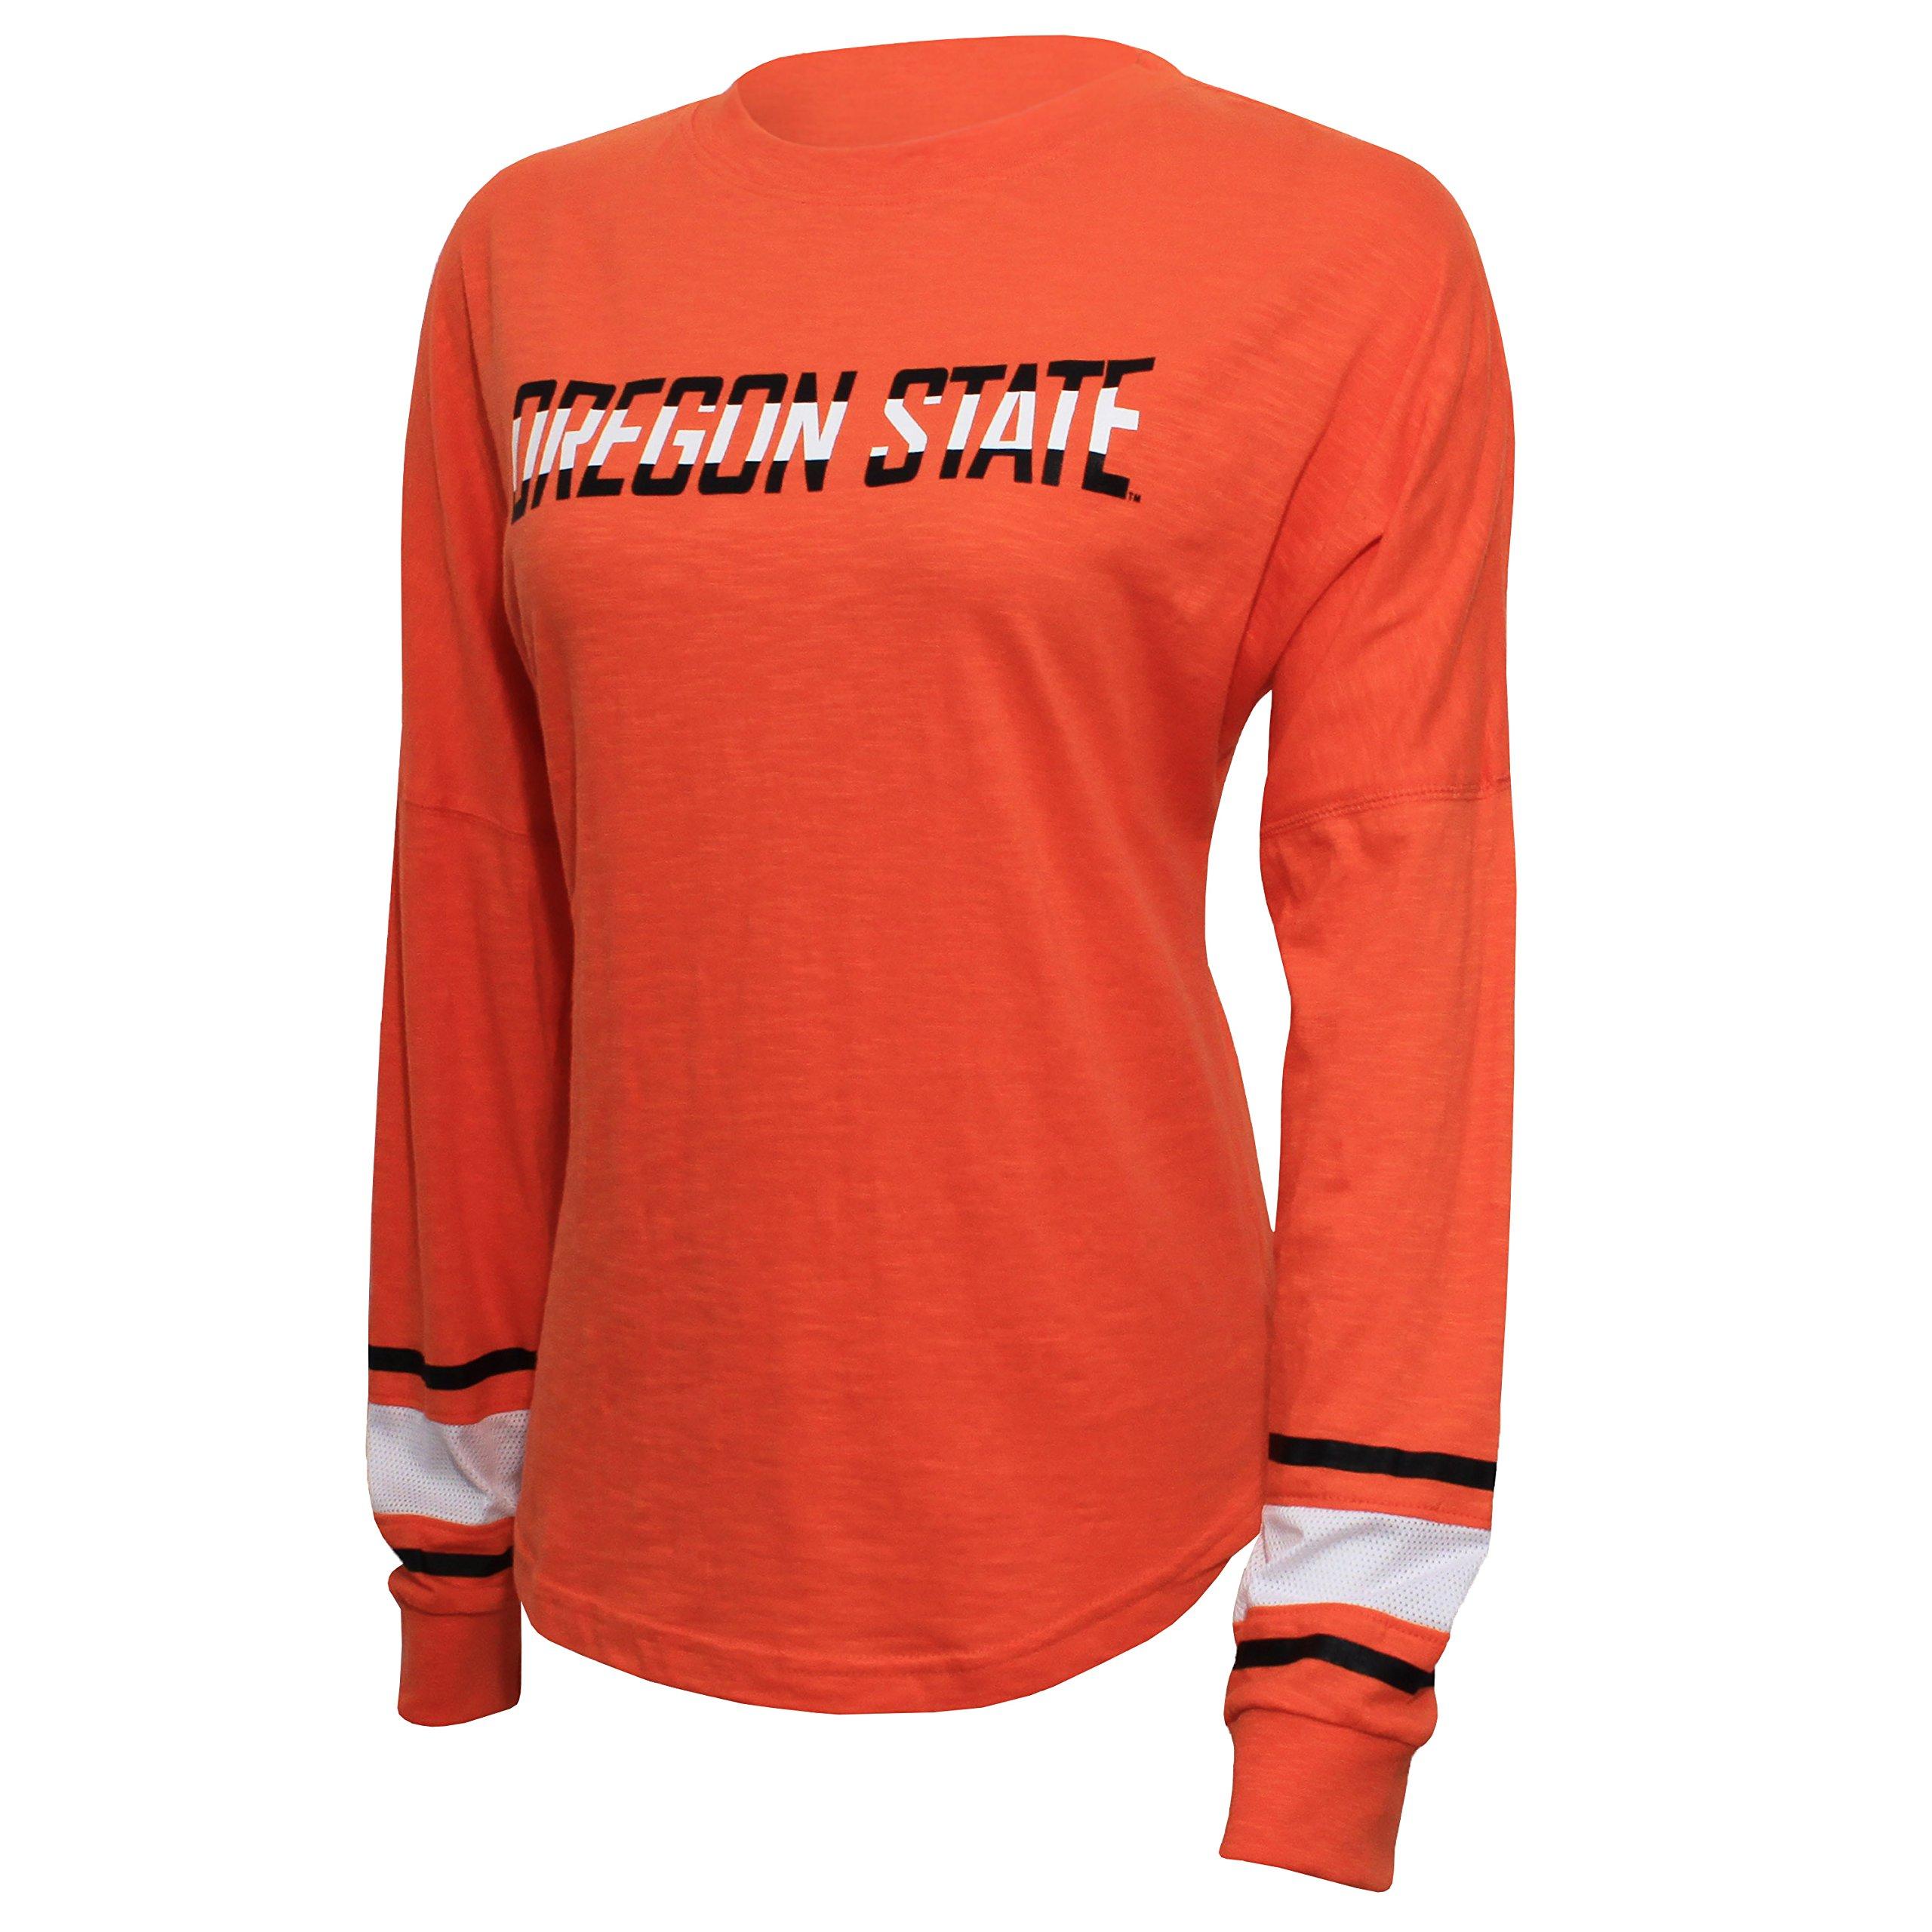 NCAA Oregon State Beavers Women's Campus Specialties Long Sleeve Fan Tee, XX-Large, Orange